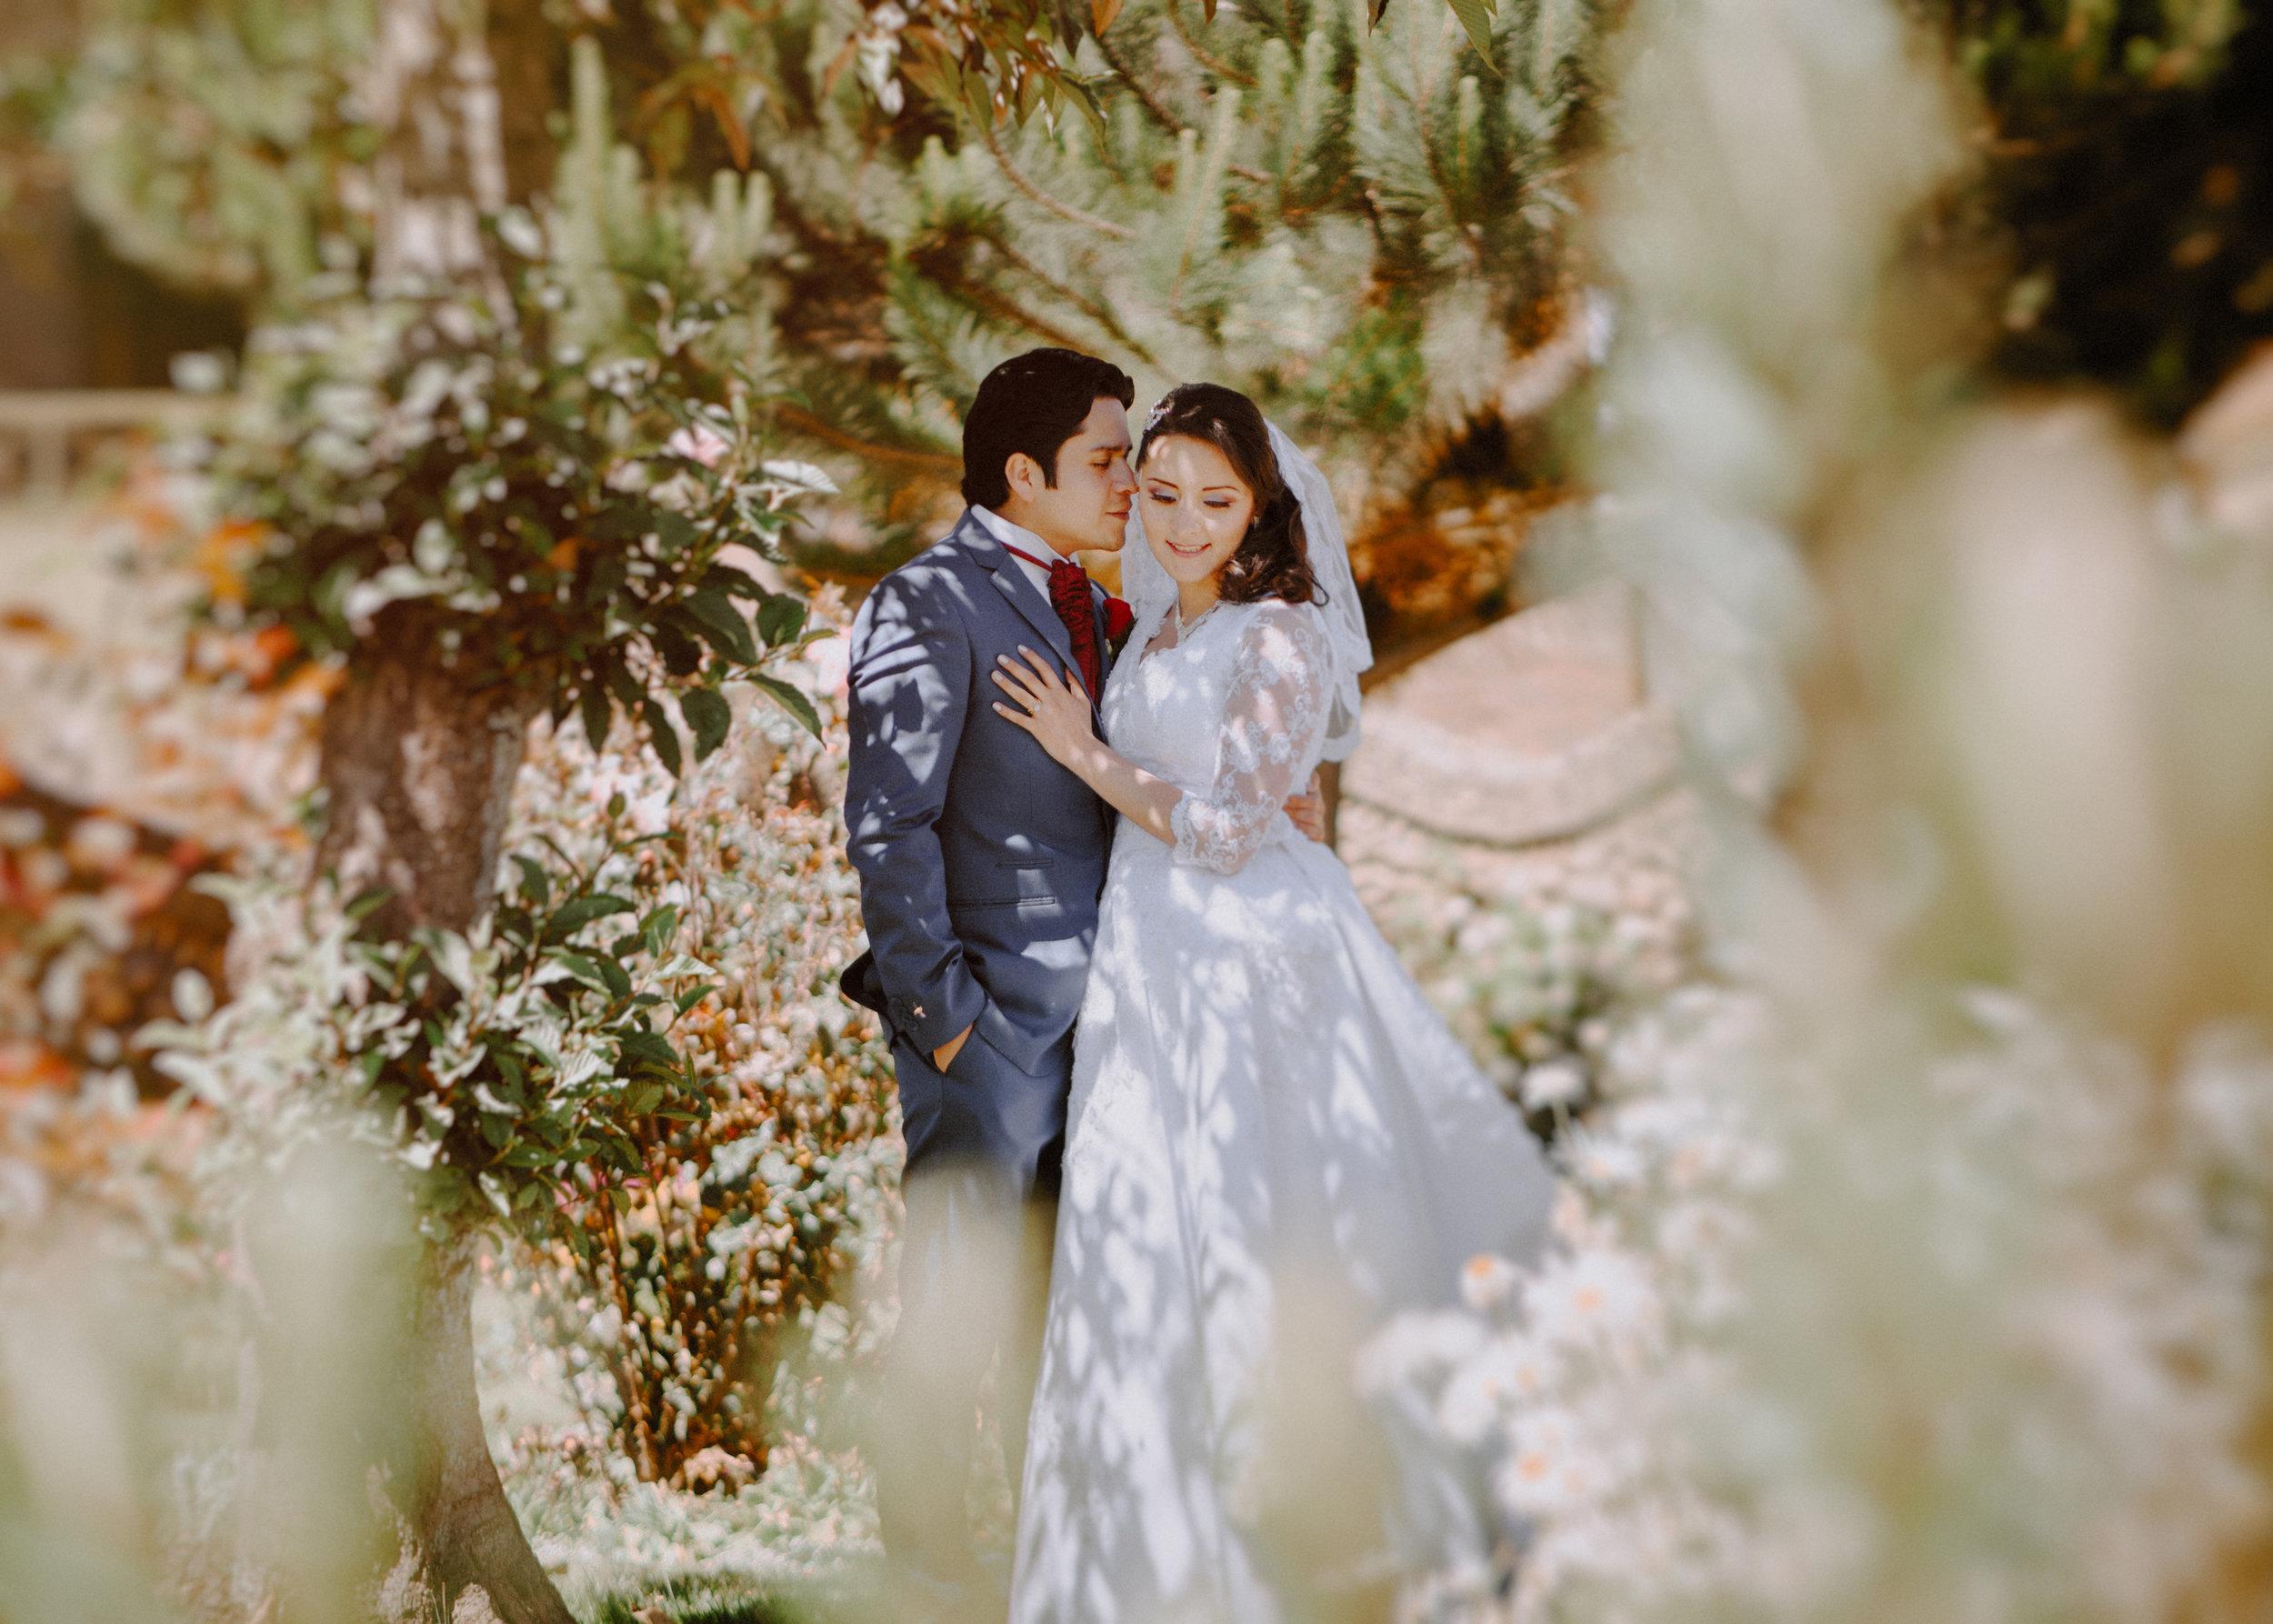 fotografos de boda peru - marzo photography - ff.jpg